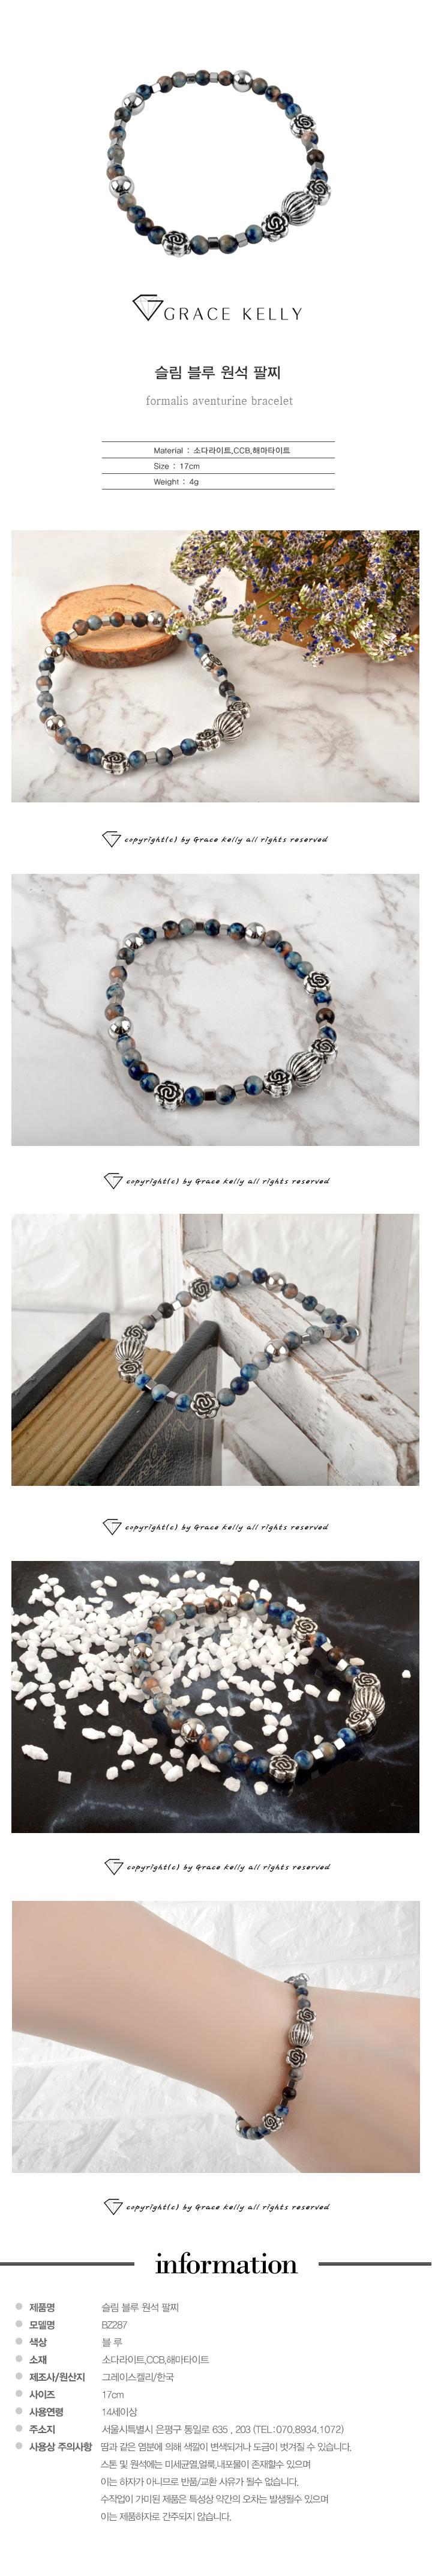 슬림 블루 원석 팔찌 - 그레이스켈리, 16,000원, 팔찌, 패션팔찌